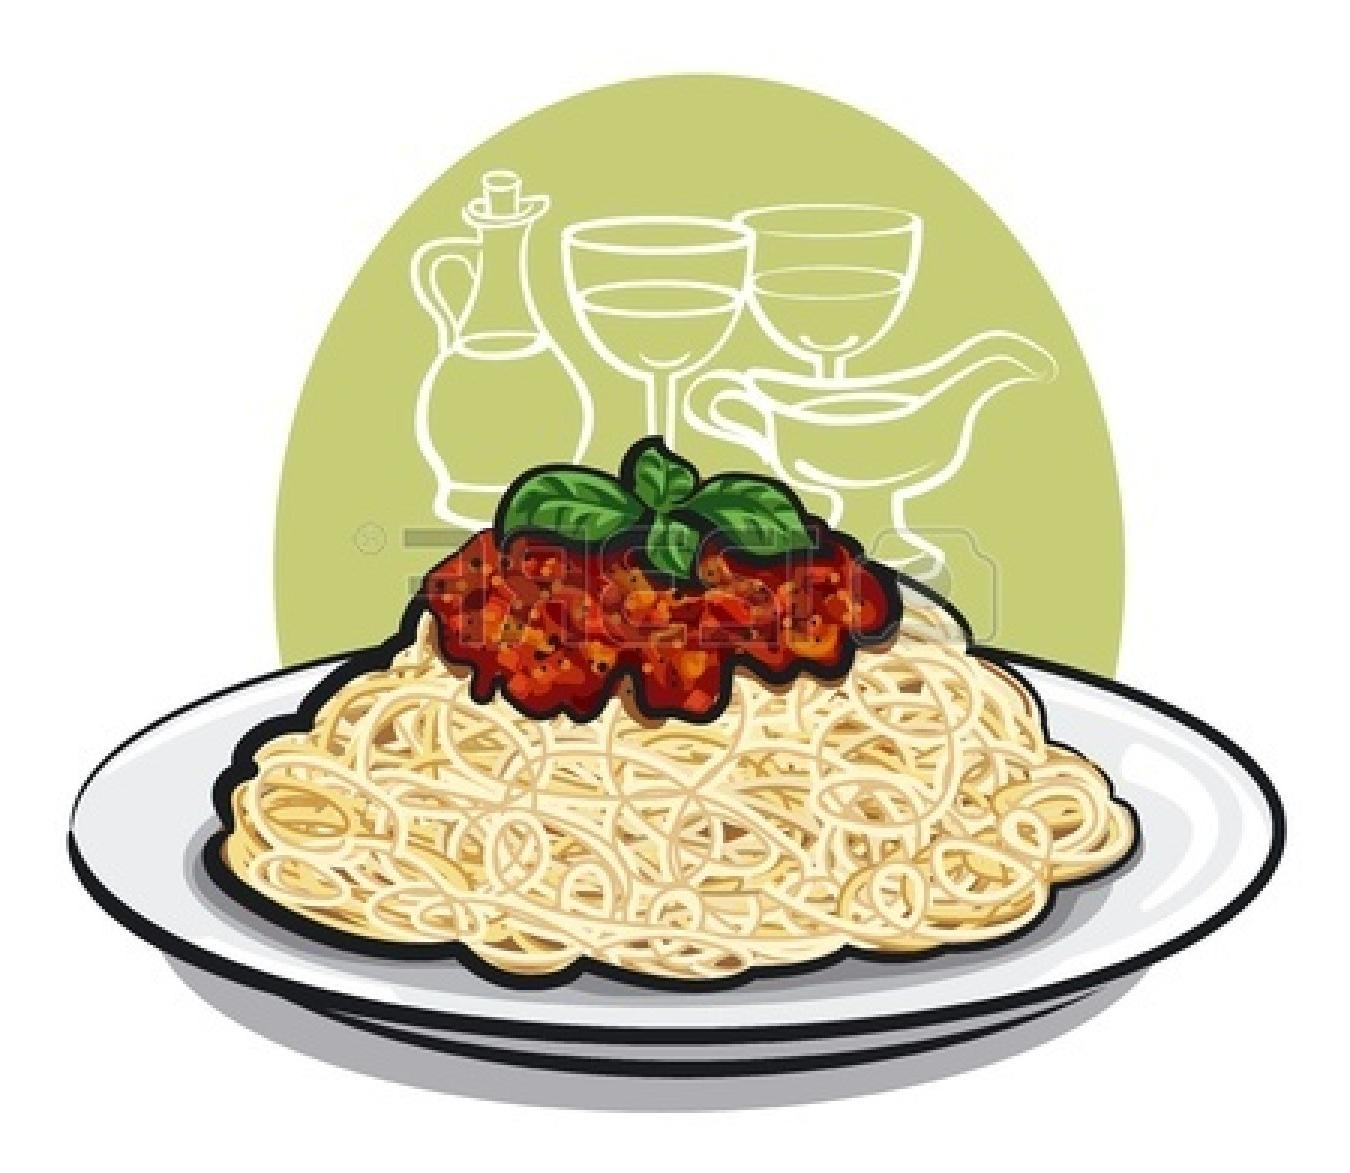 Spaghetti clipart noodle Pasta HD  Bolognese File